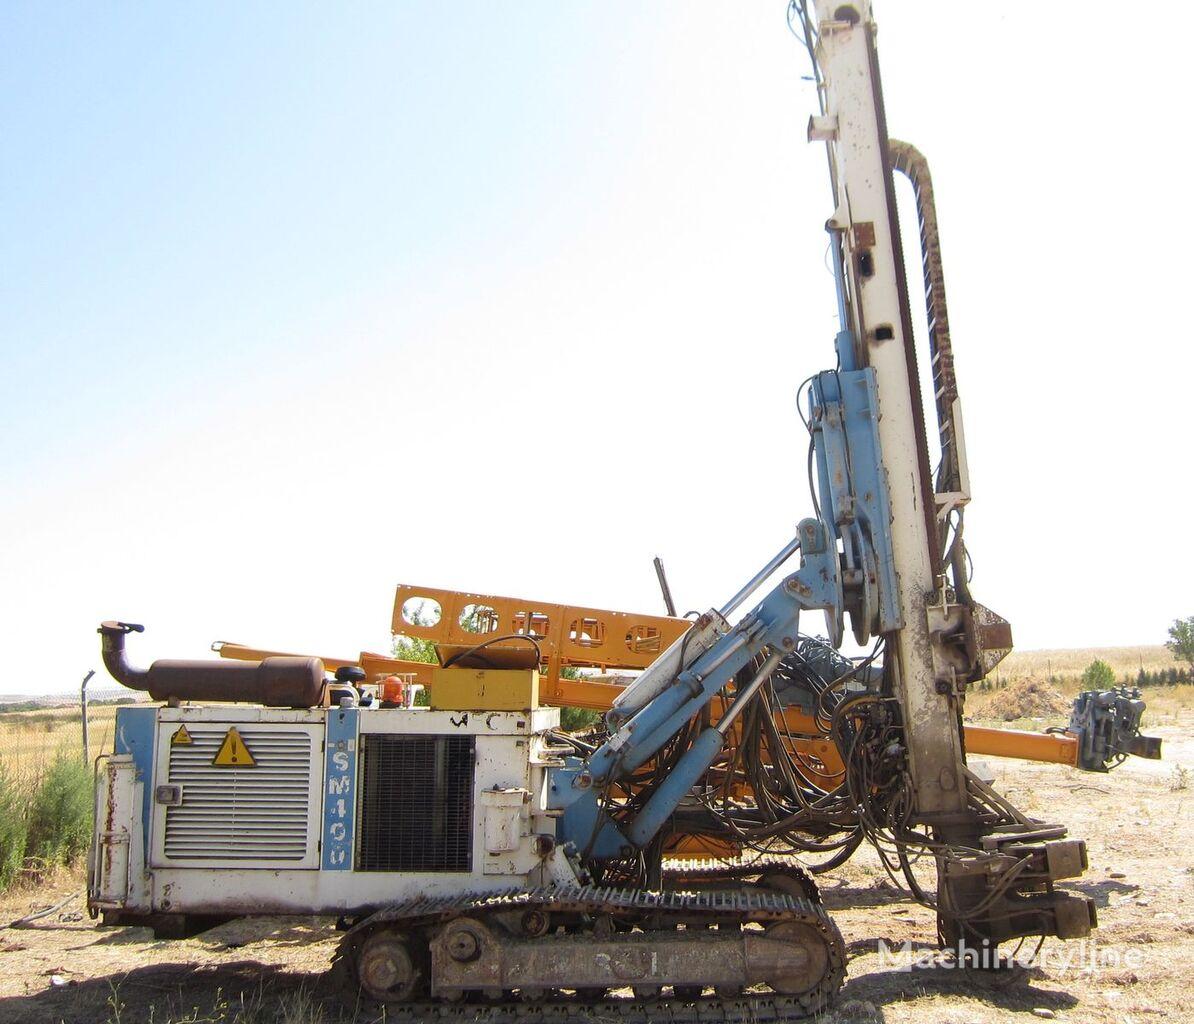 SOILMEC SM400 drilling rig